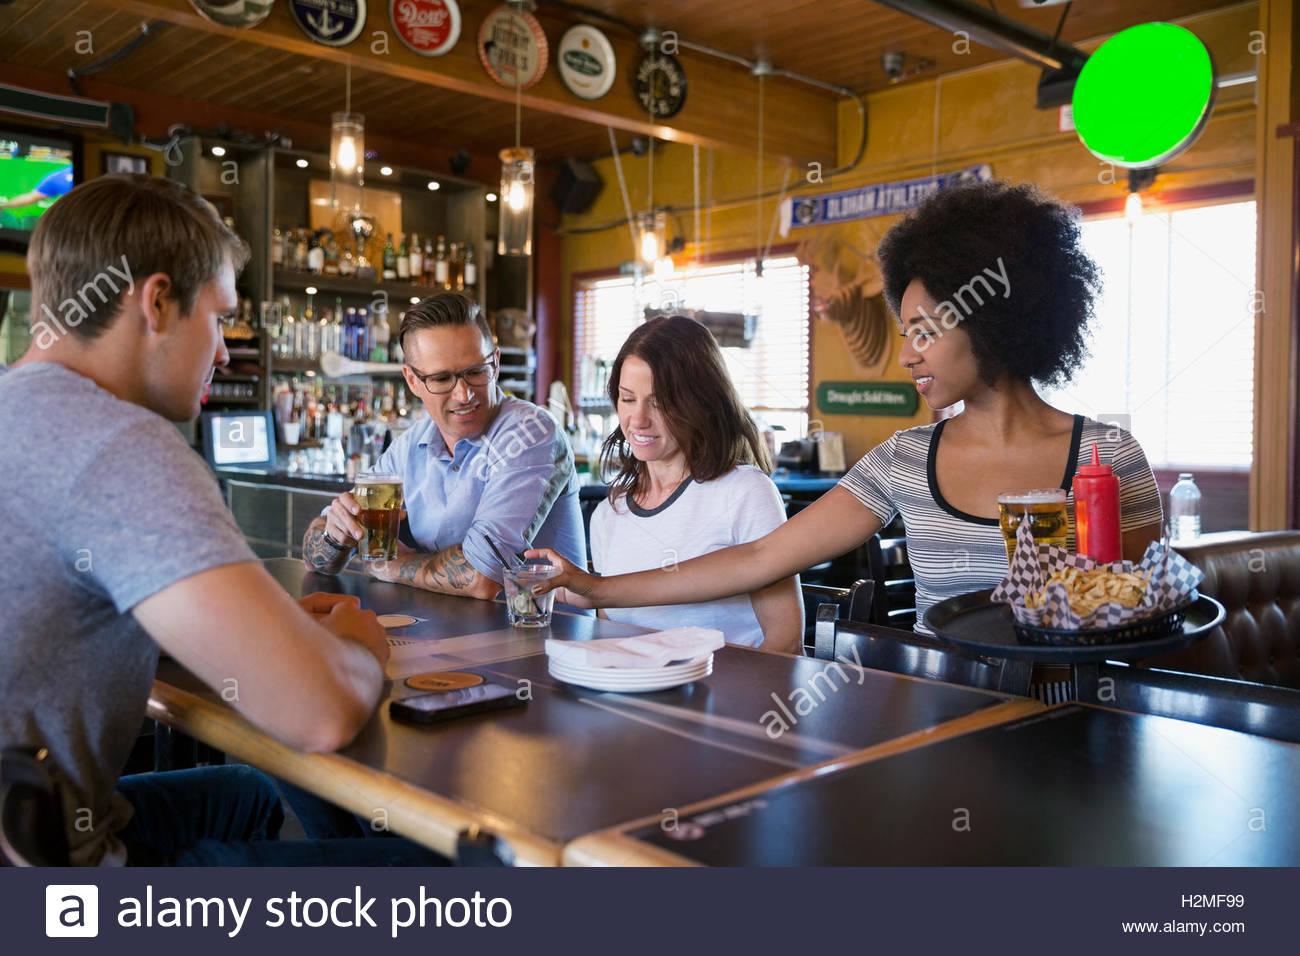 La cameriera che serve cibo e bevande per gli amici a tavola in bar Immagini Stock